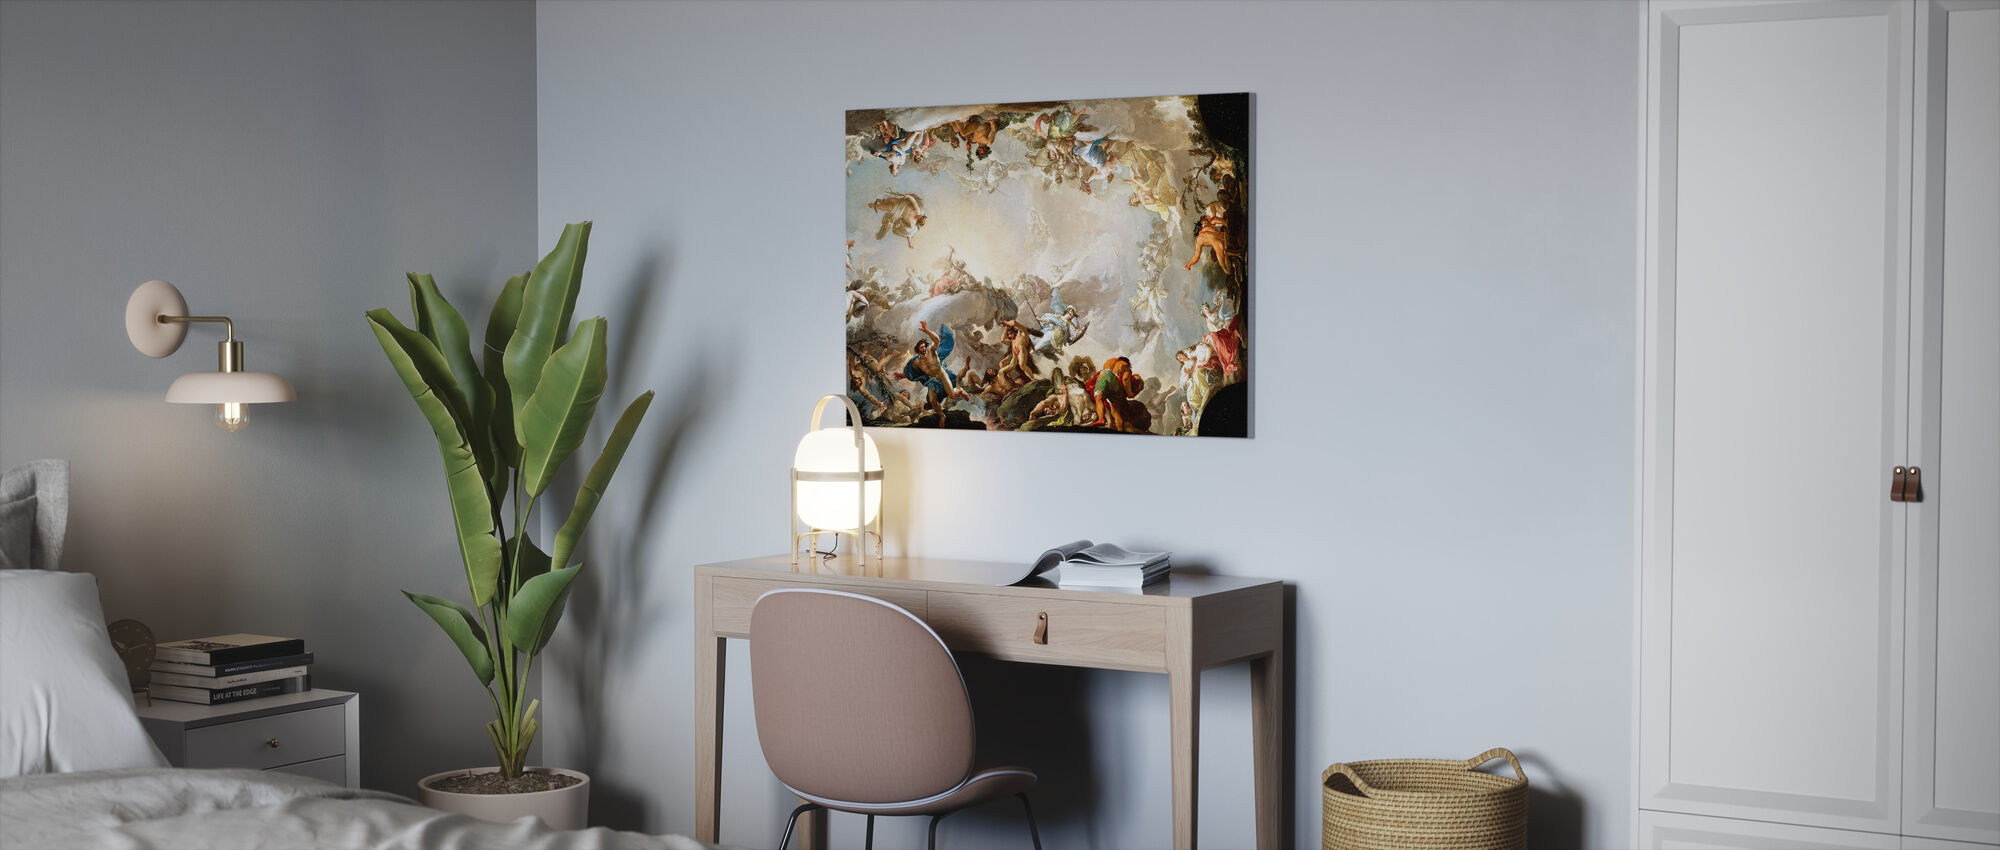 Renaissance-cirkel - Canvas print - Kantoor